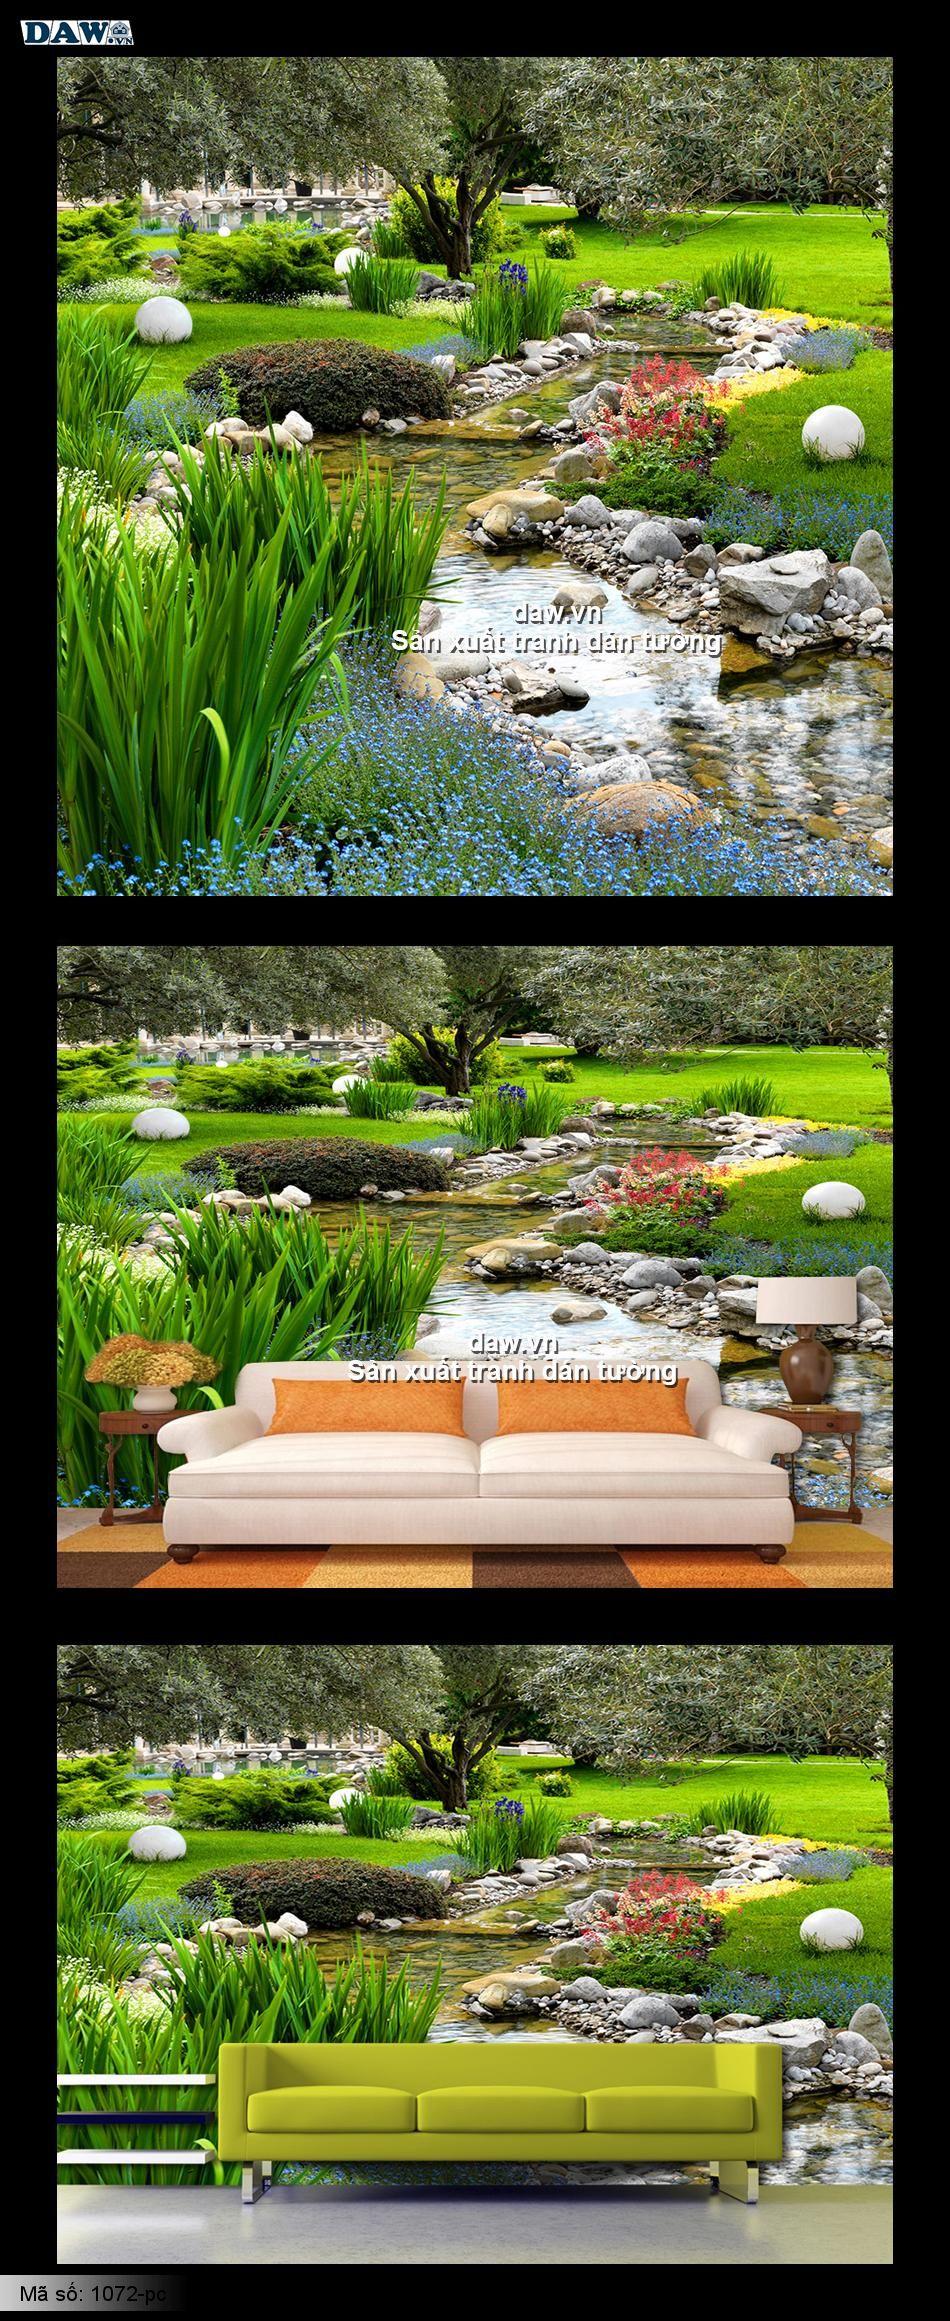 Tranh dán tường phong cảnh đẹp, tranh dán tường xanh mát 1072